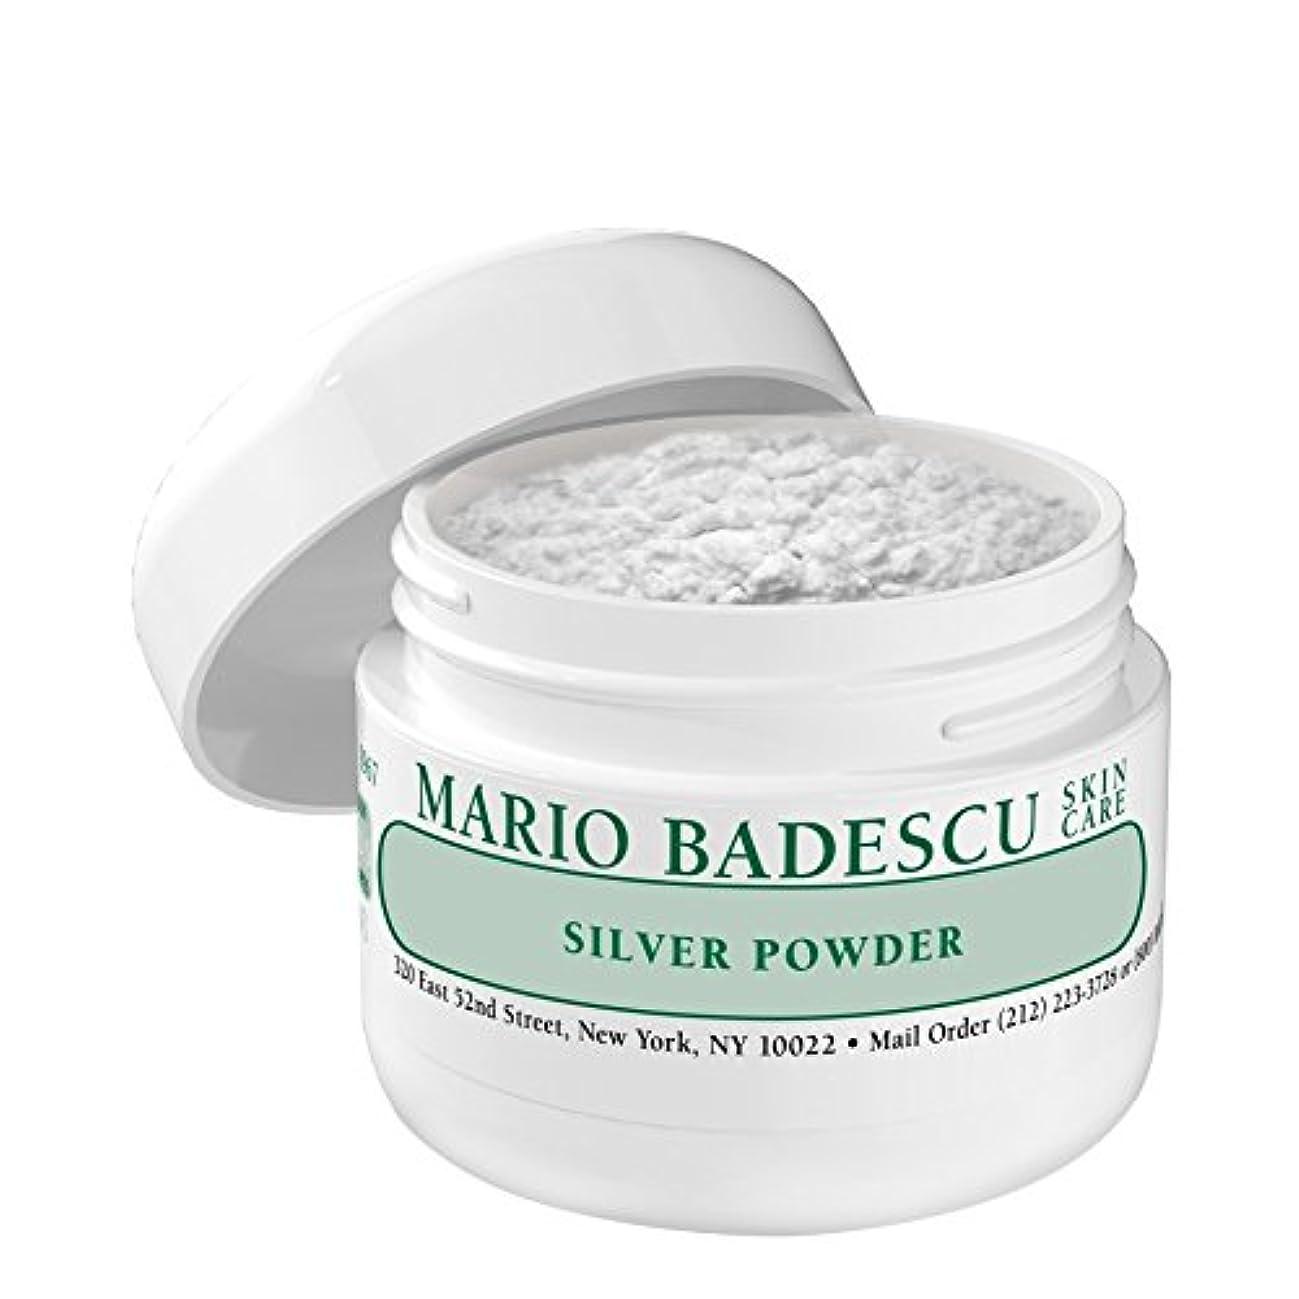 してはいけない火炎かろうじてマリオ?バデスキュー銀粉末 x4 - Mario Badescu Silver Powder (Pack of 4) [並行輸入品]